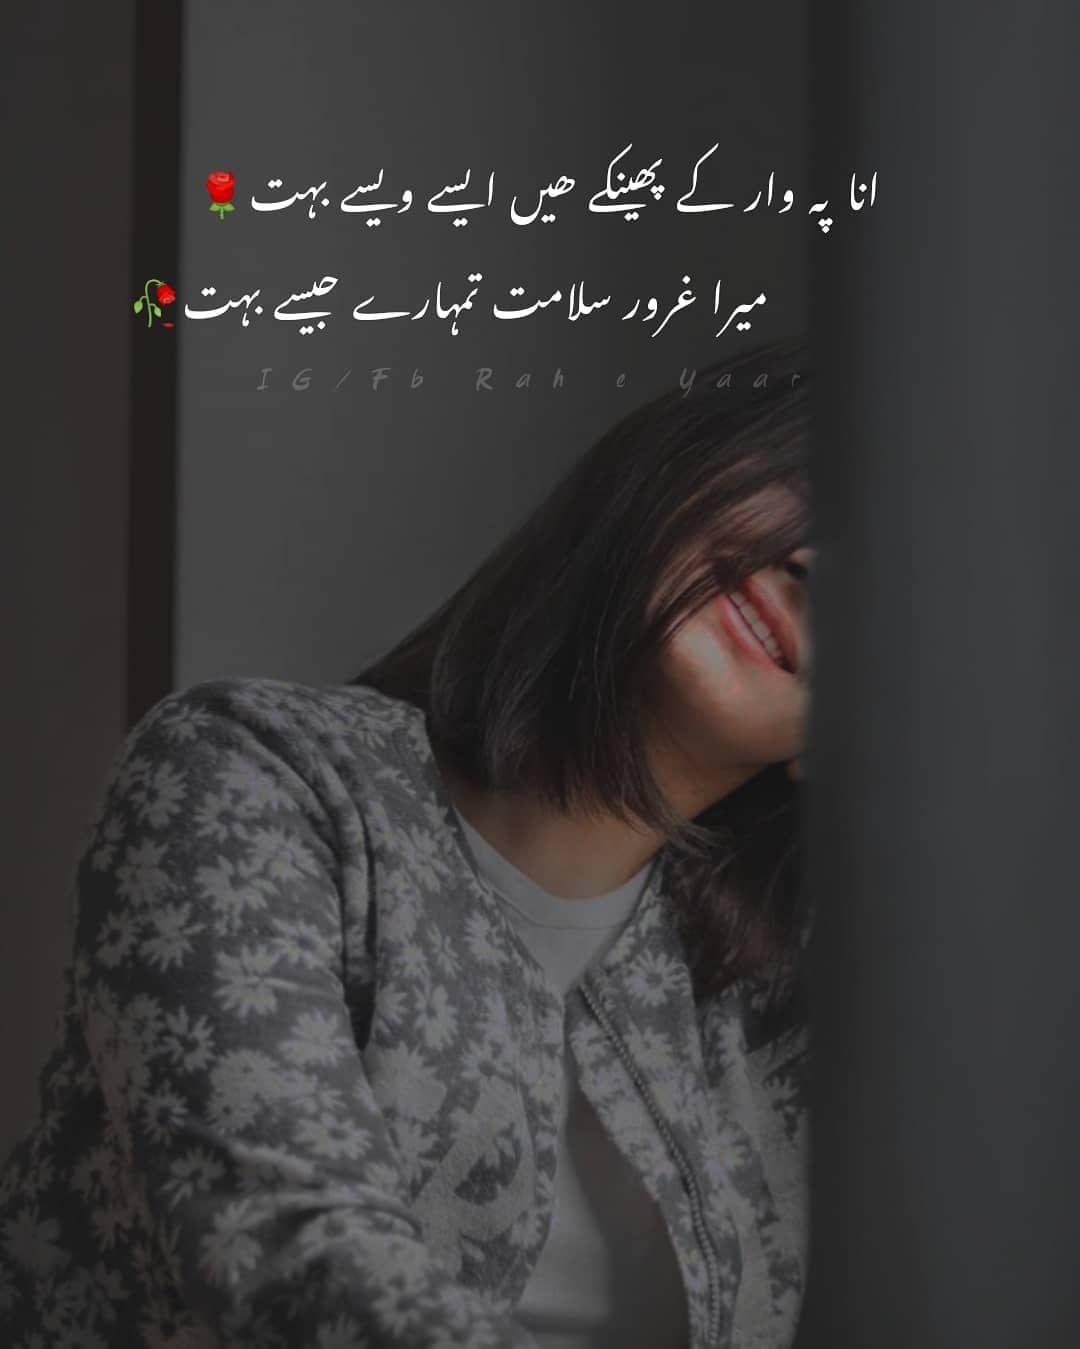 Pin By Nadi On Mine Urdu Funny Poetry Urdu Love Words Poetry Words